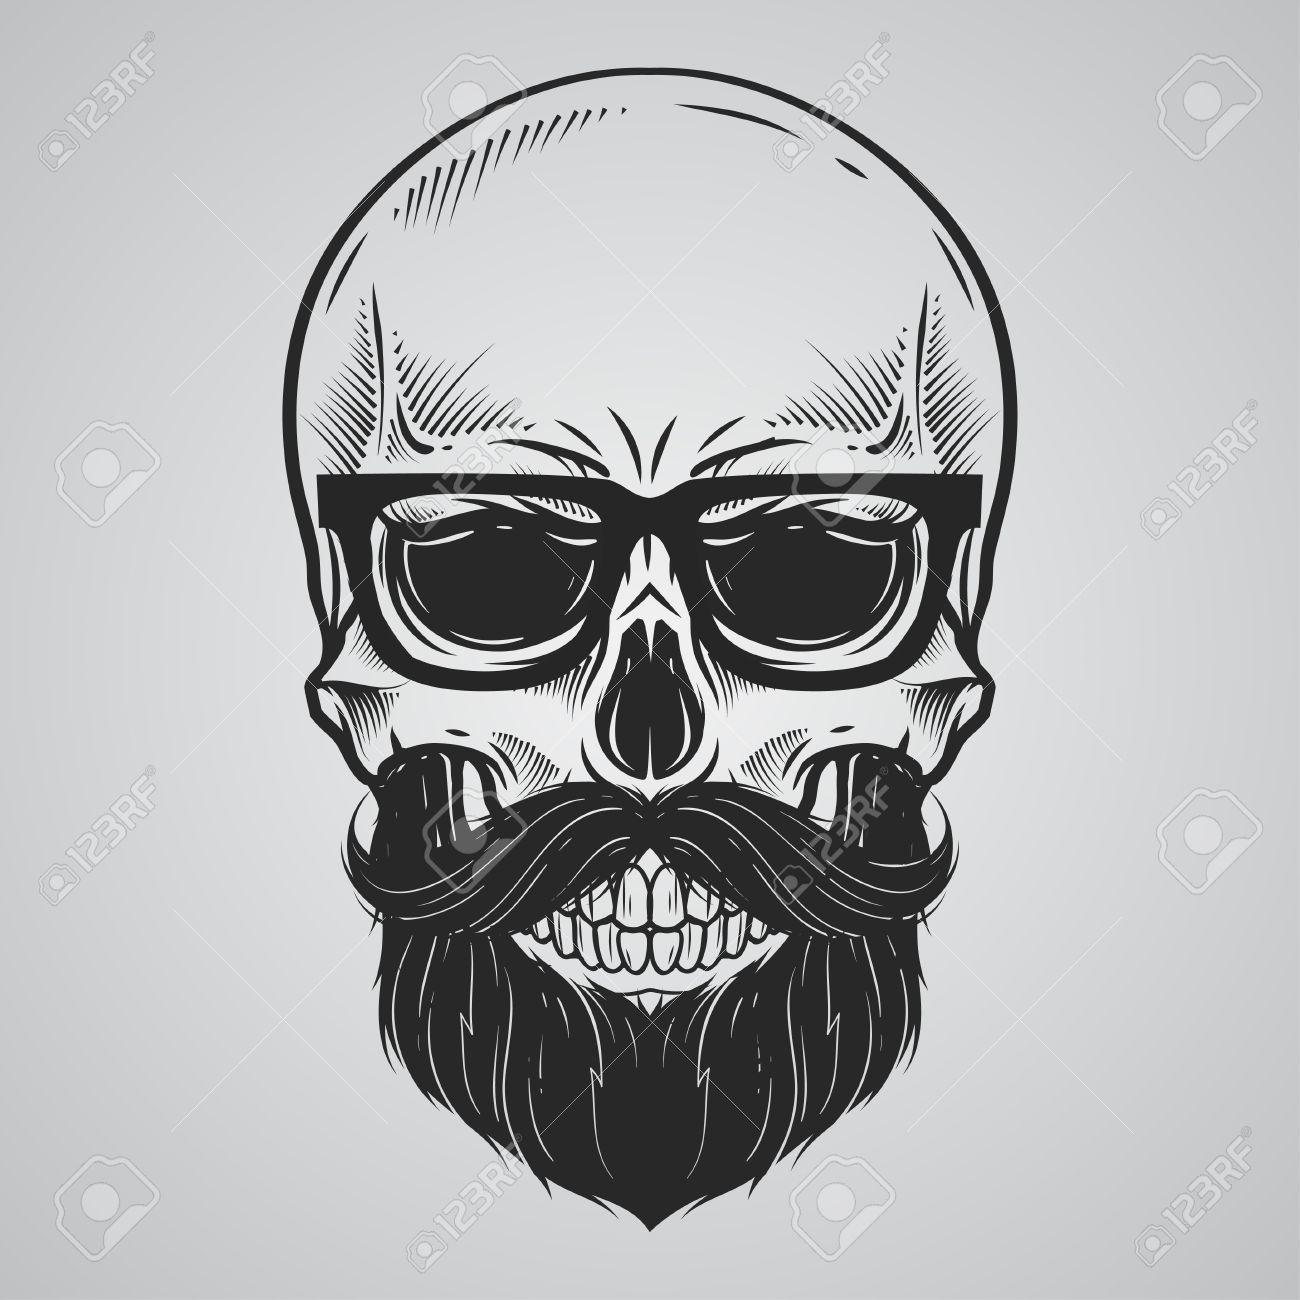 Bearded skull illustration.